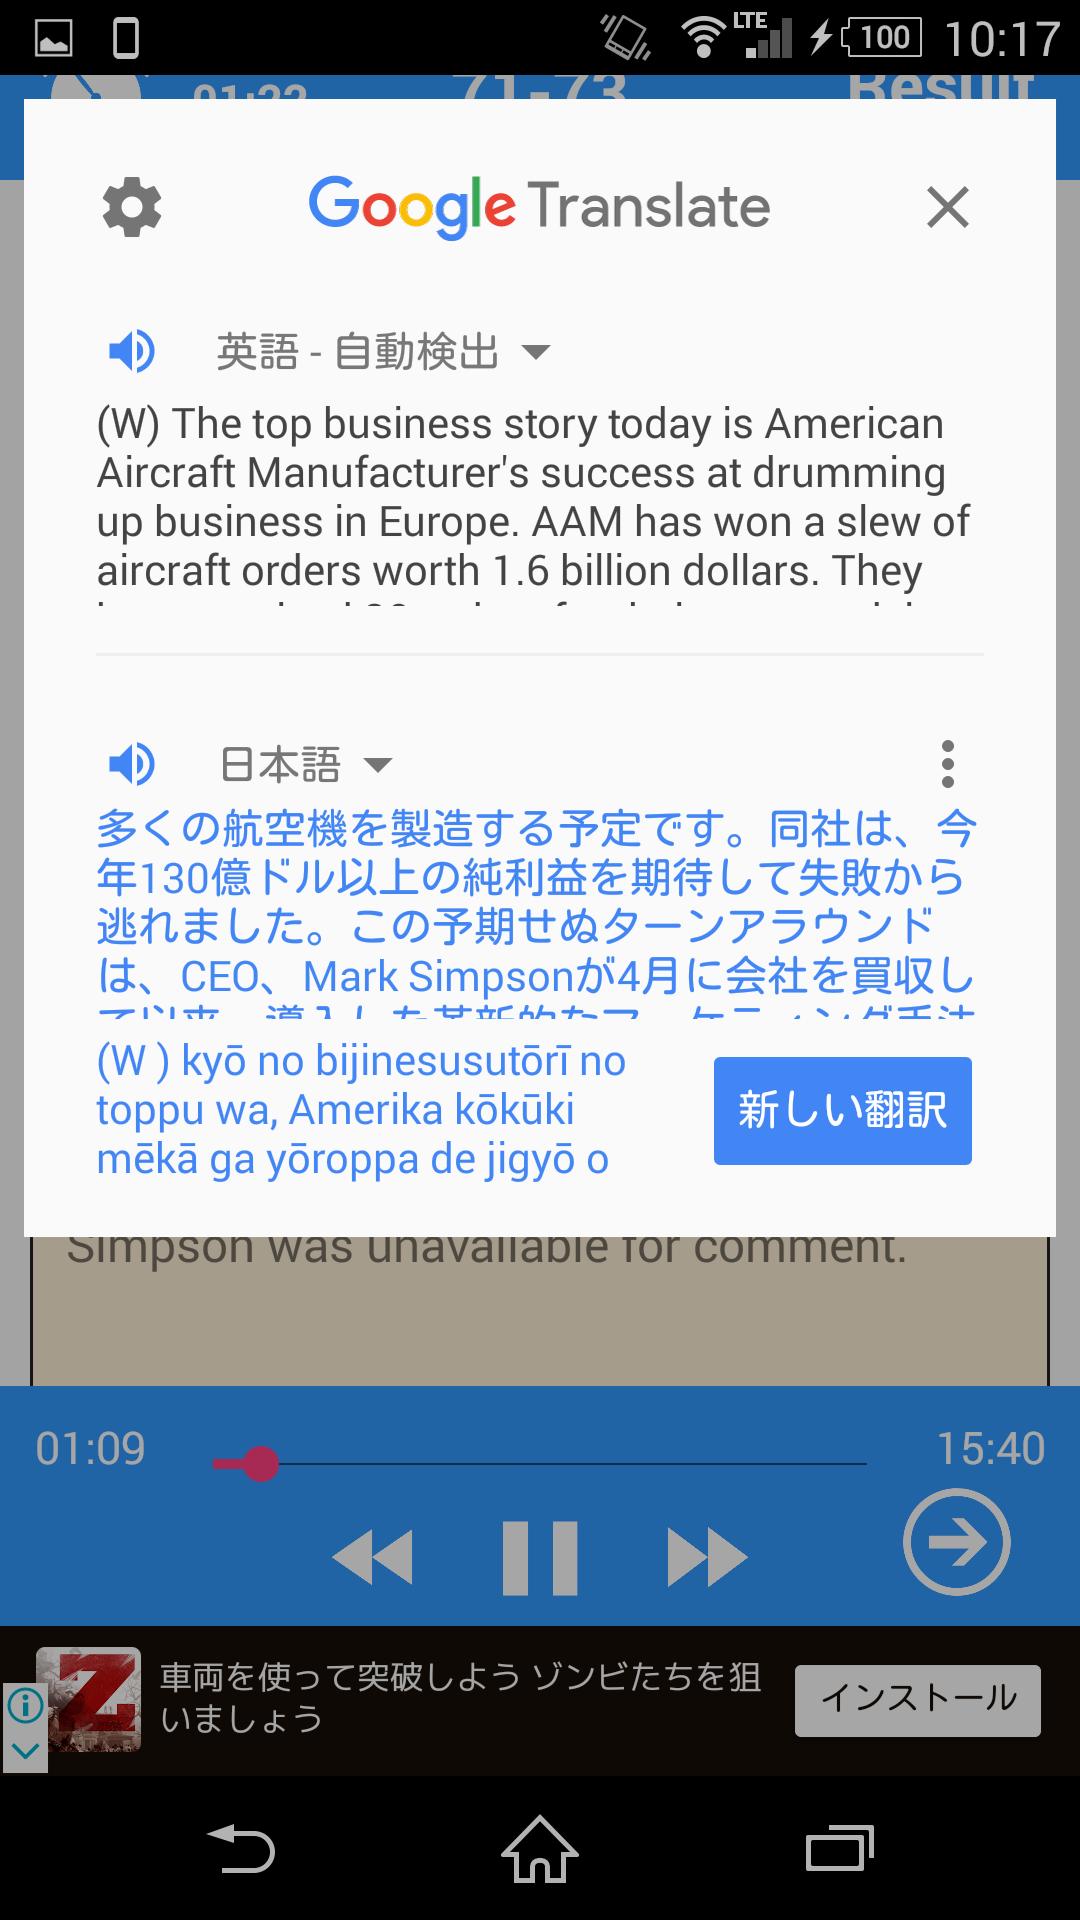 ConversationsにおけるGoogle翻訳の例